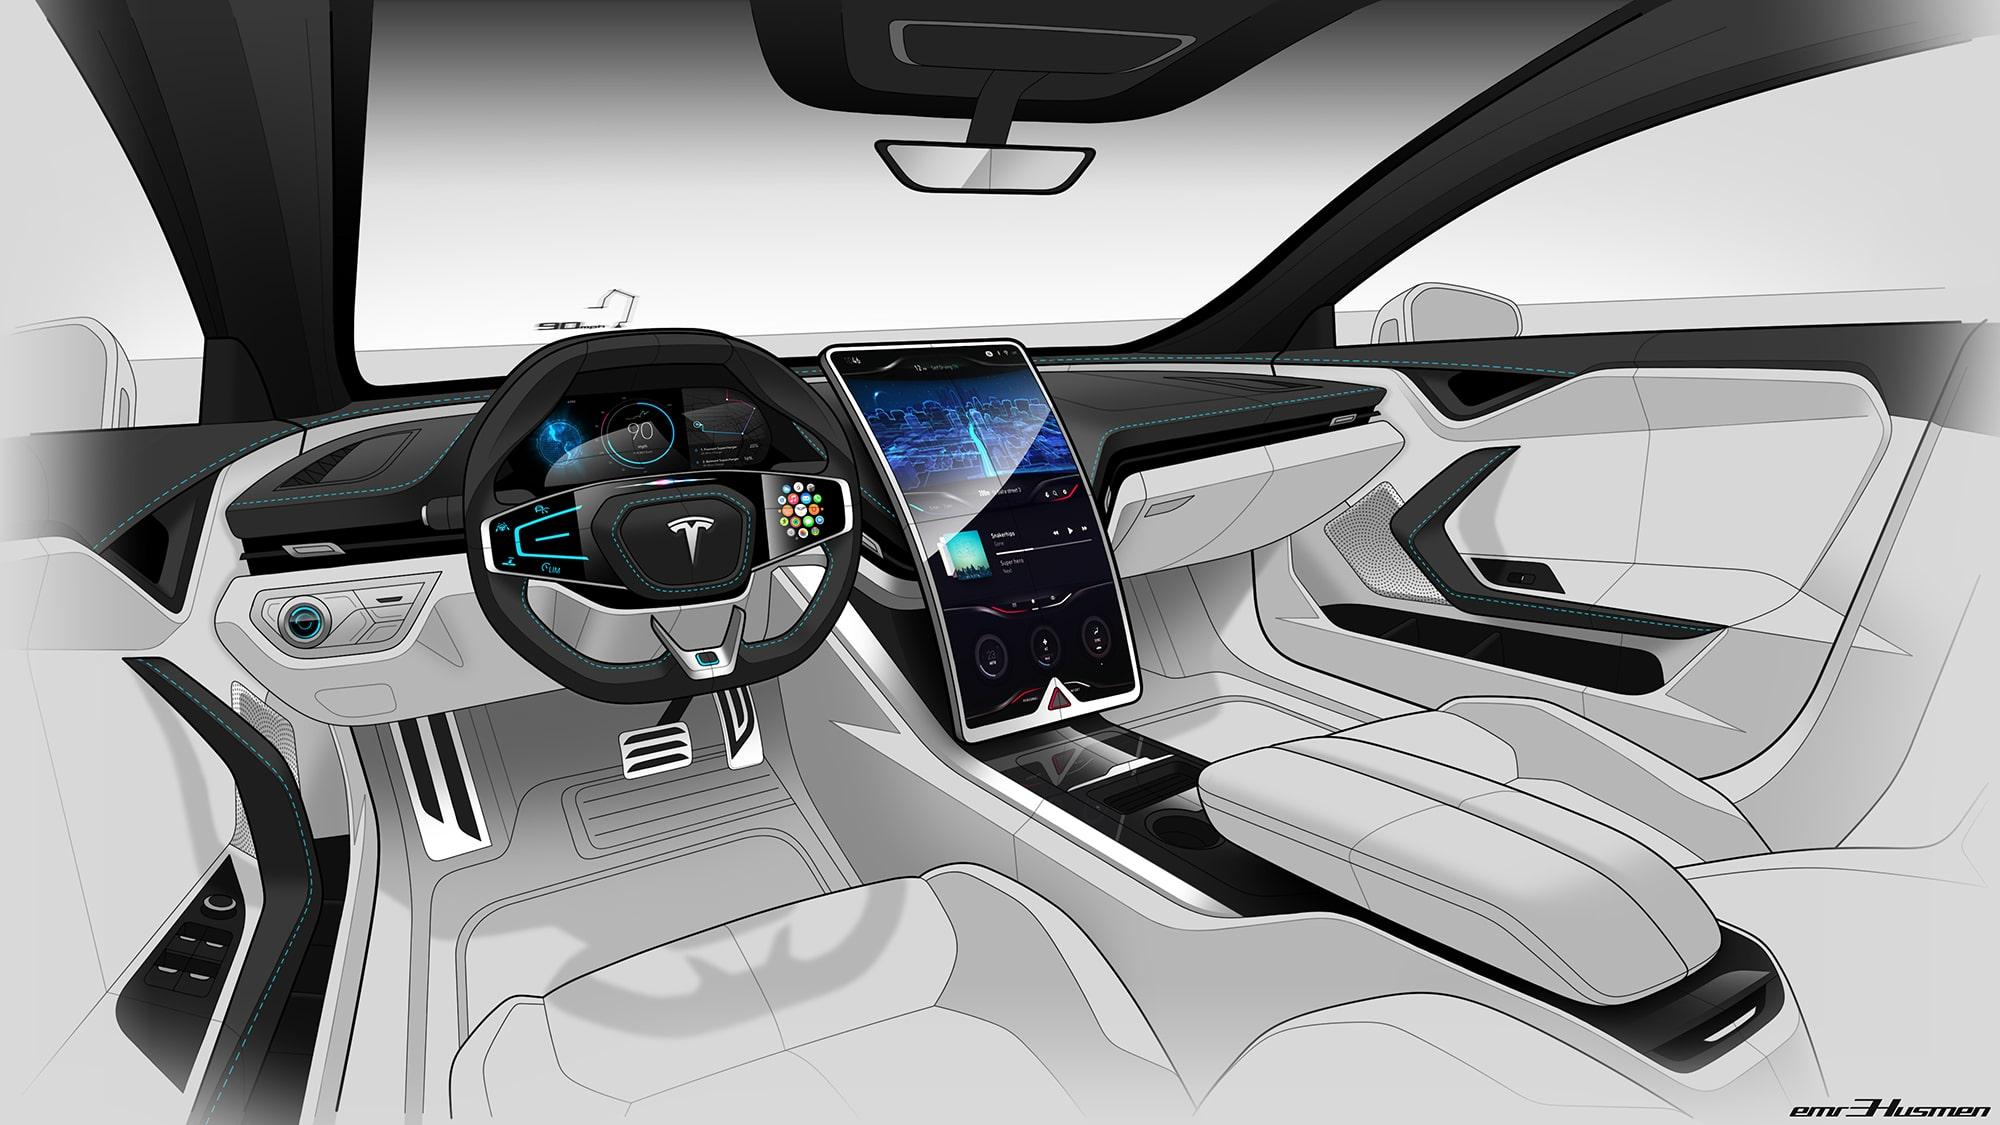 New Tesla Model S Rendering